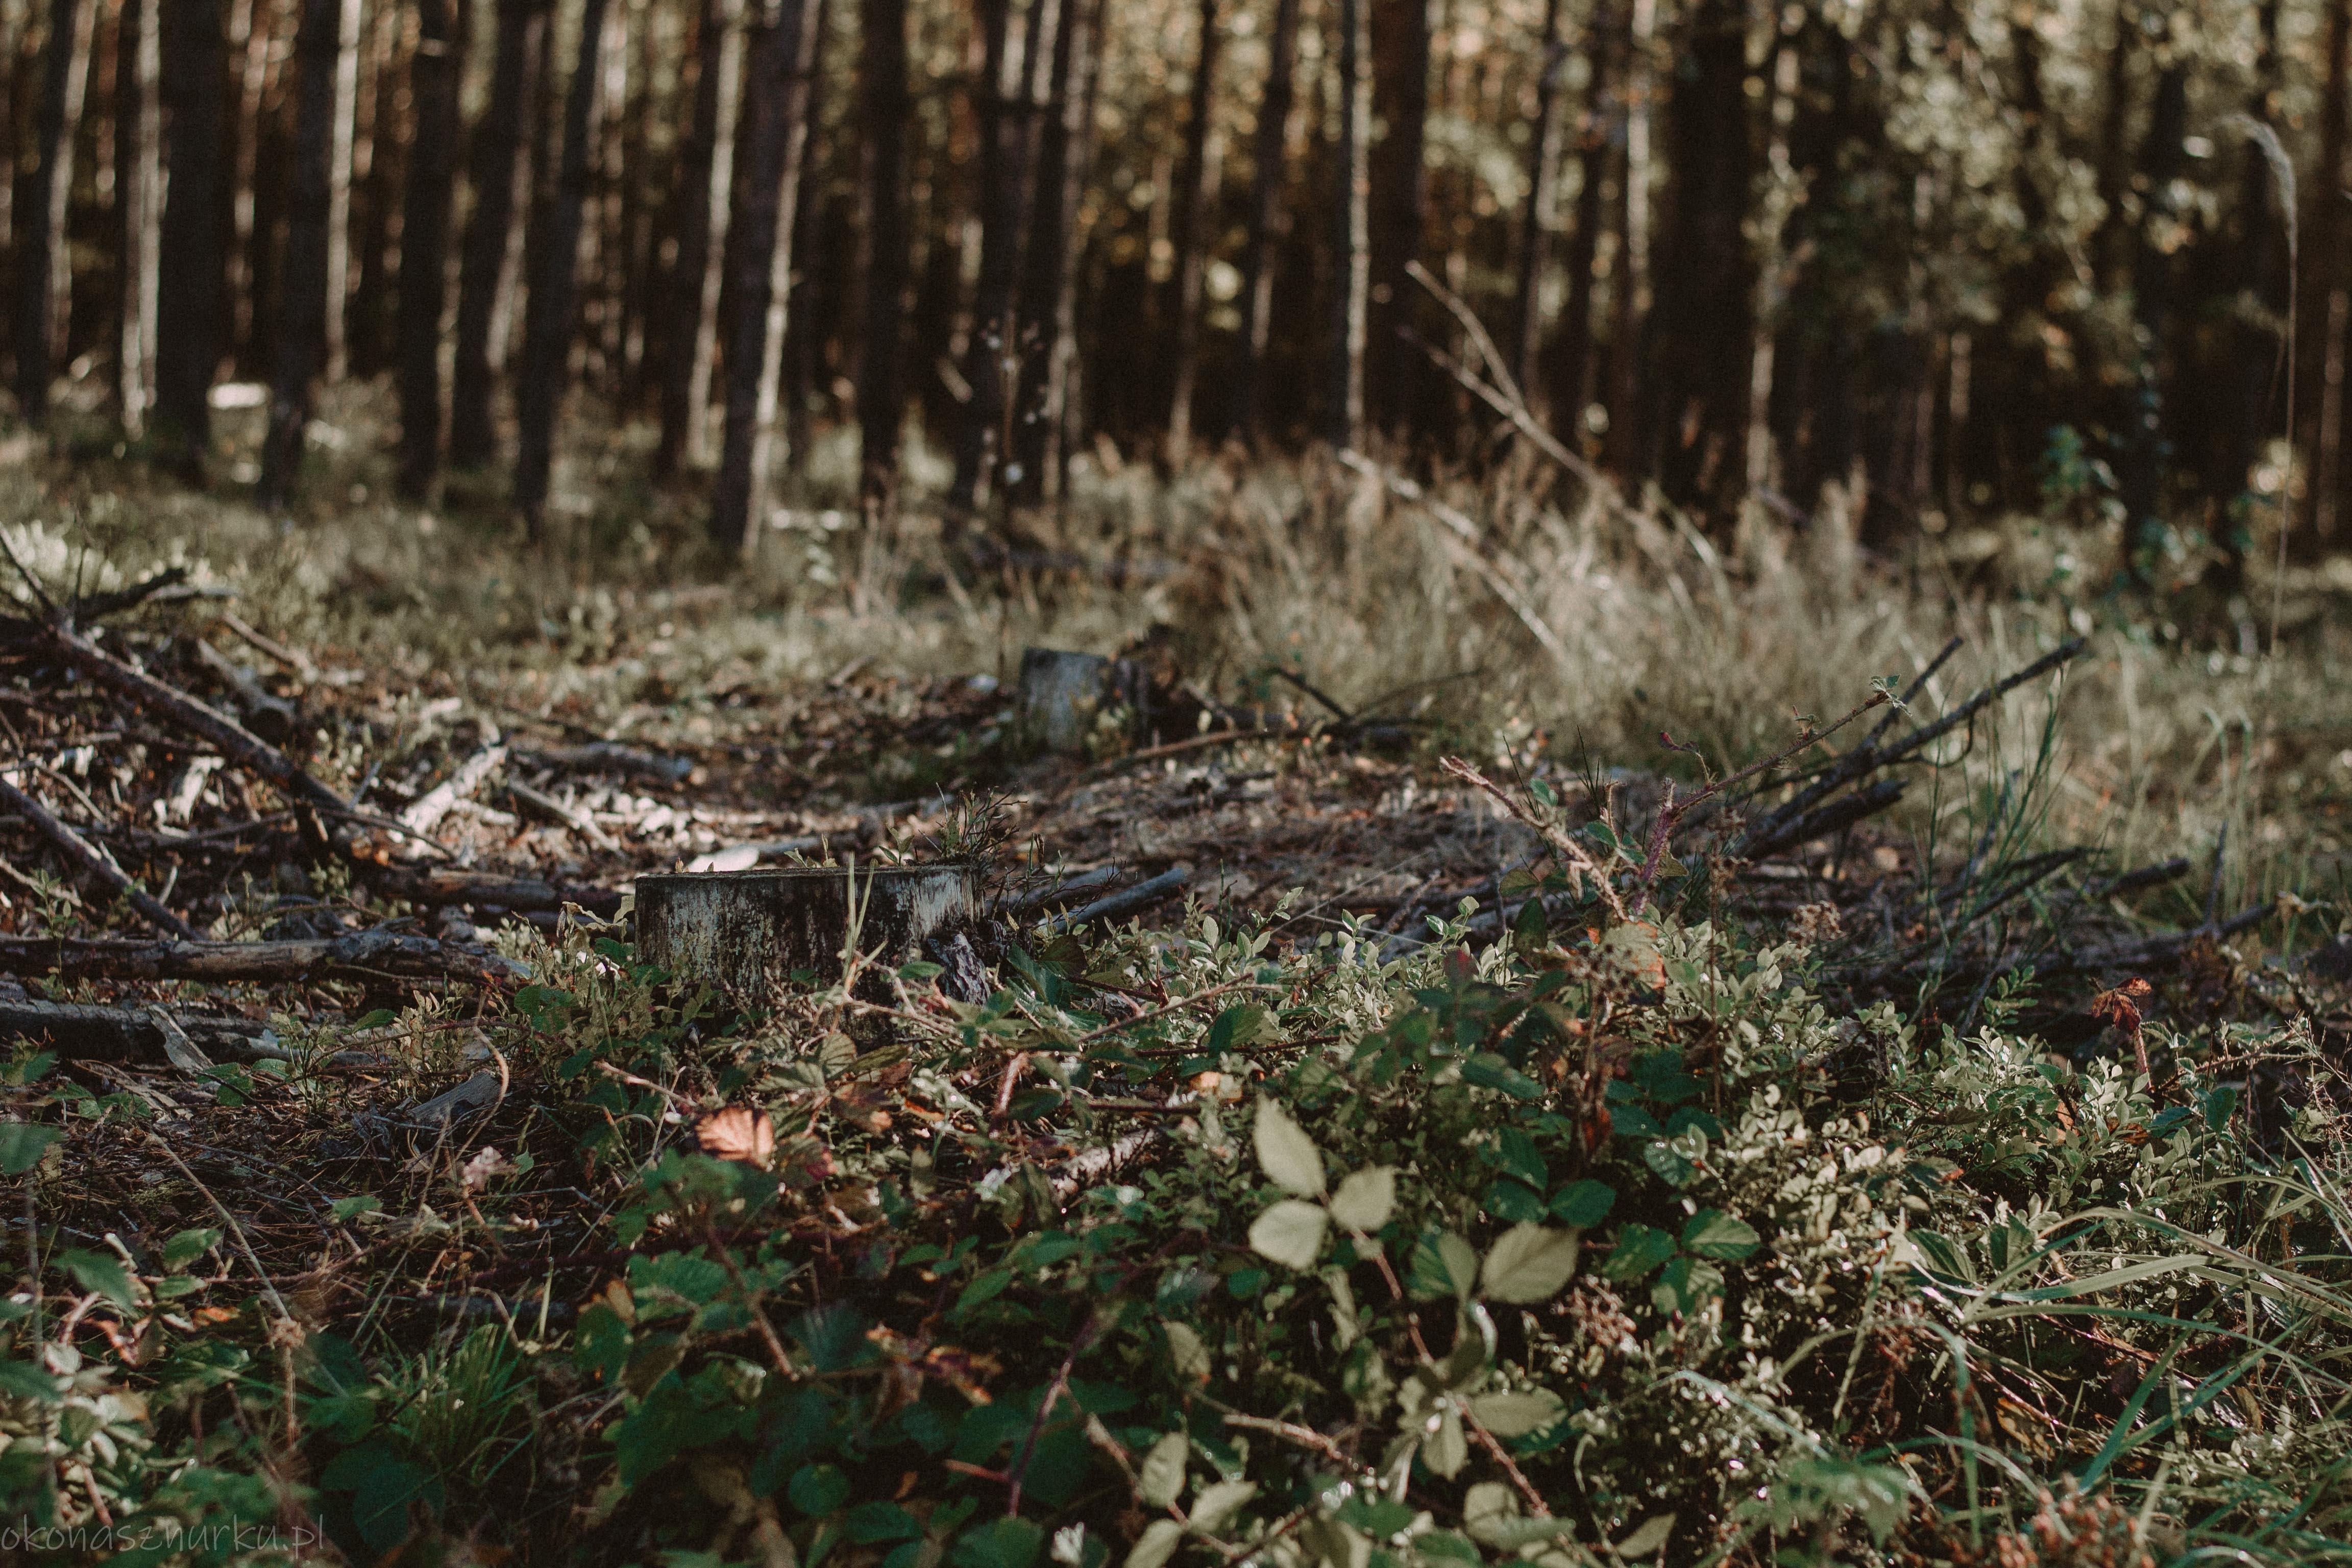 grzybobranie-okonasznurku (6)